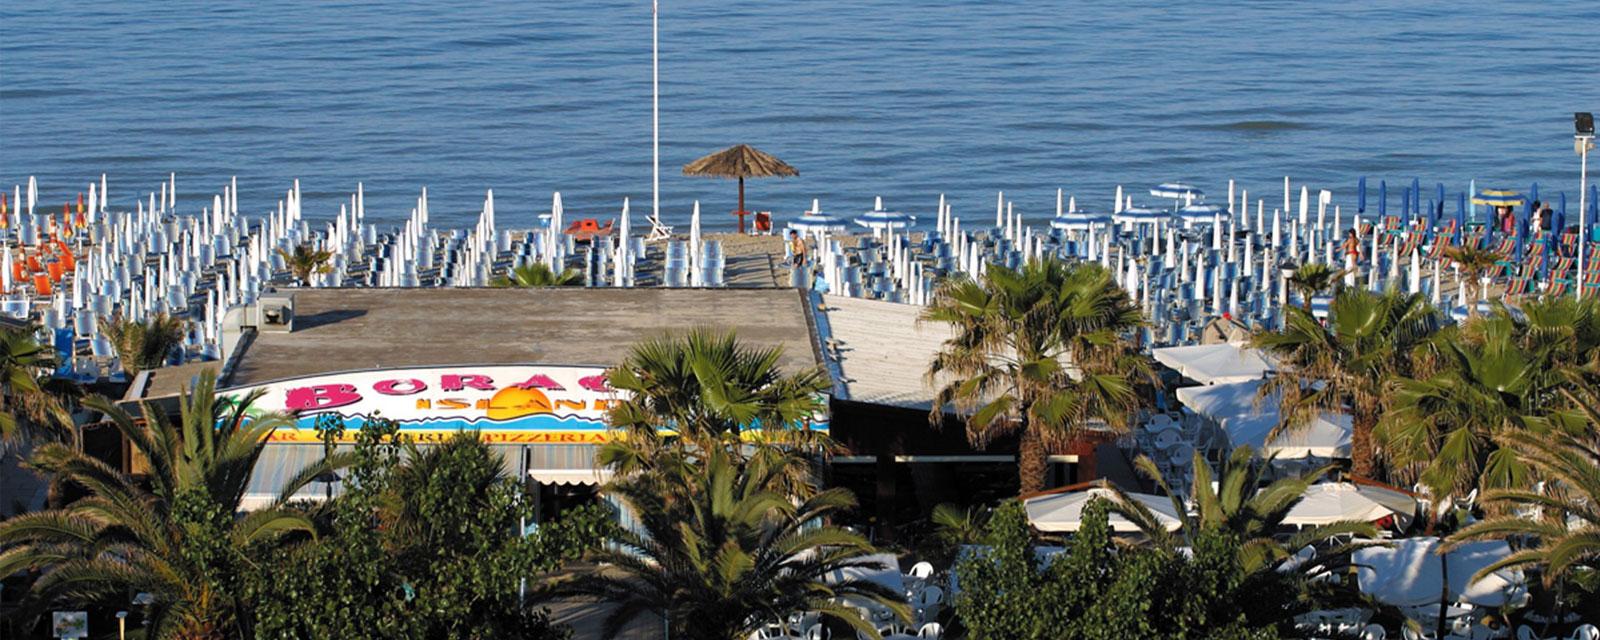 hotel mare alba adriatica boracay